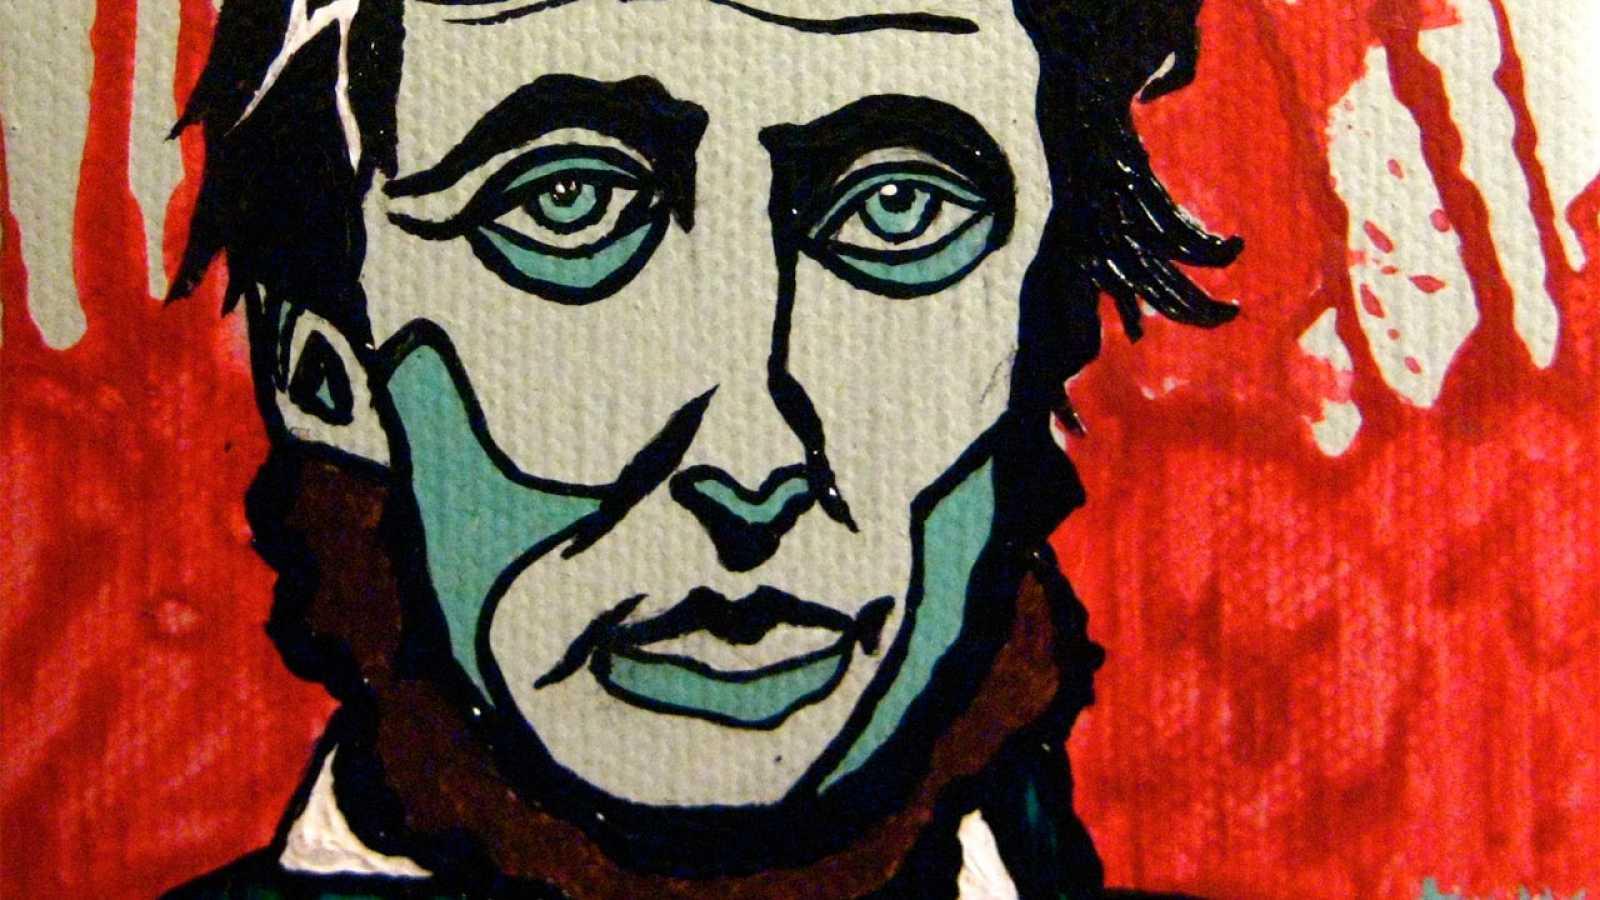 El bosque habitado - 200 años con Thoreau, padre de la Ecología. Con Diego Cobo - 09/07/17 - escuchar ahora